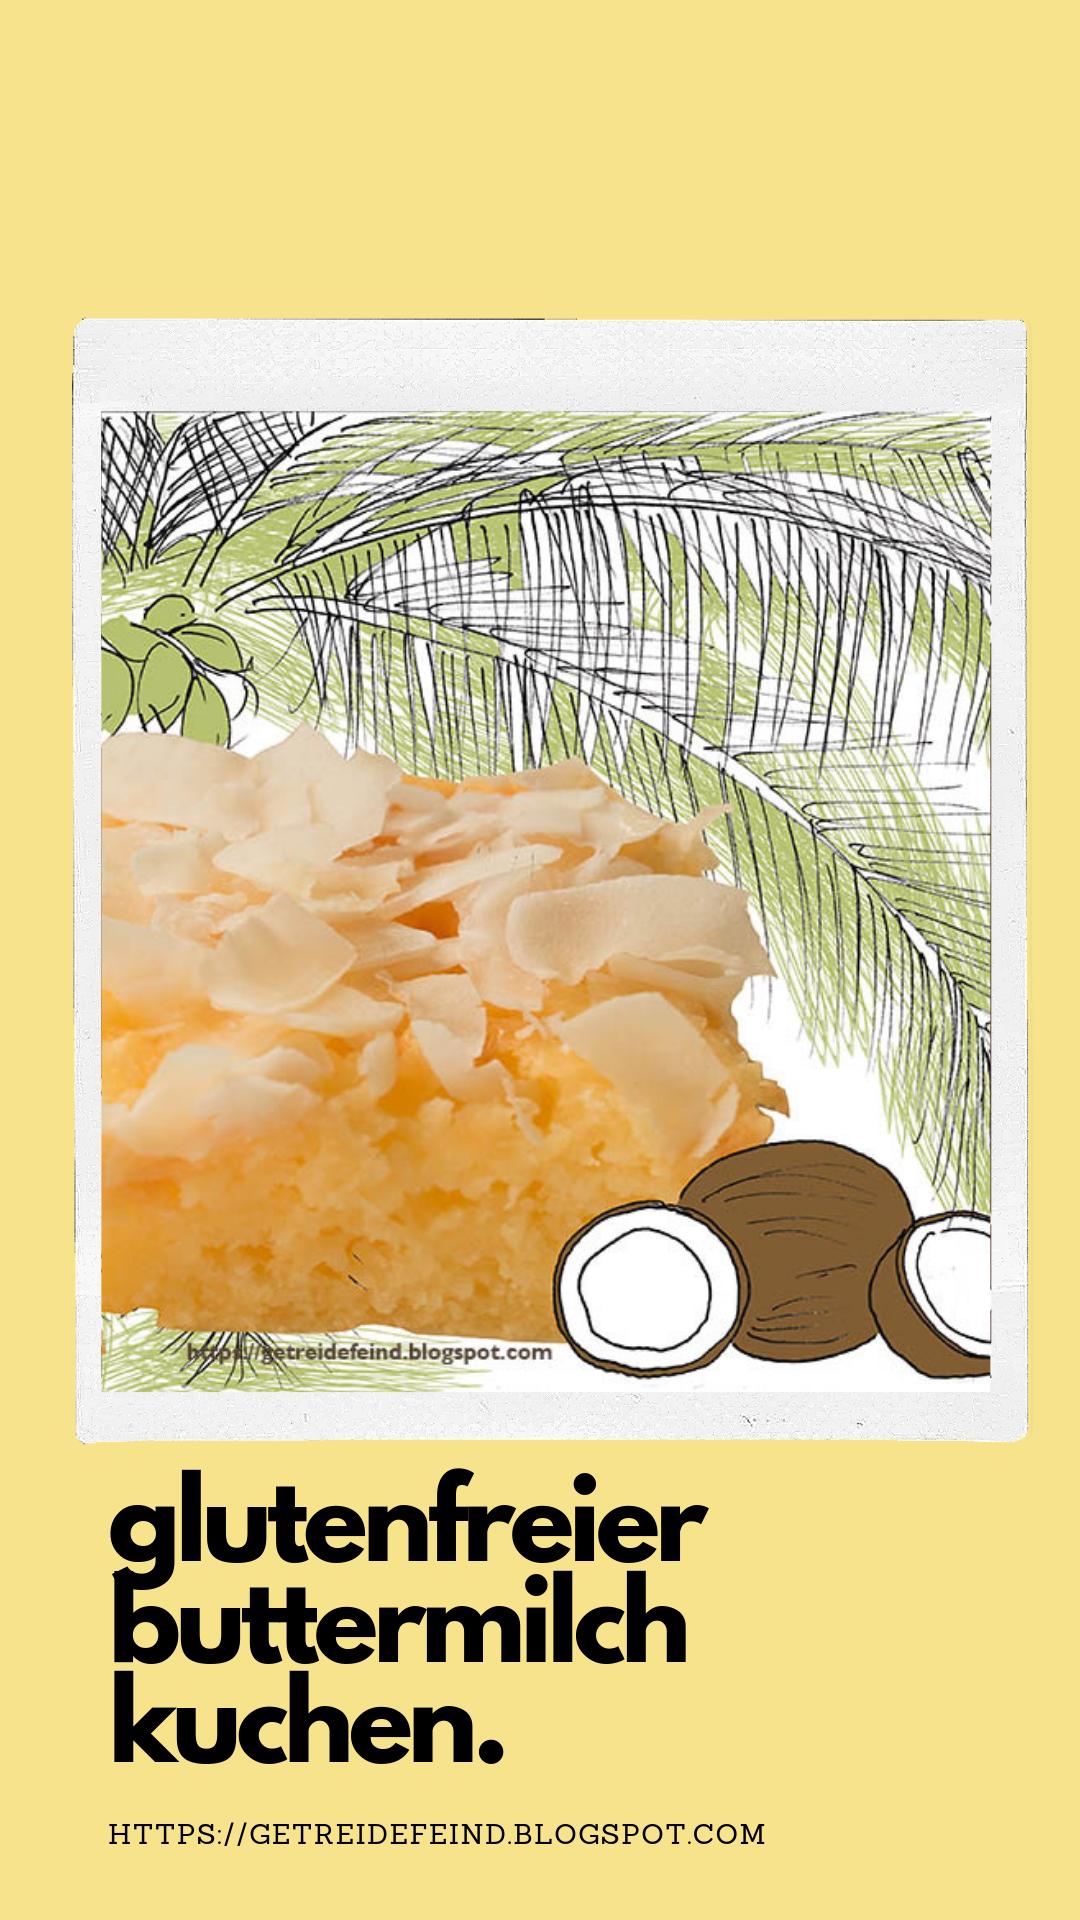 glutenfreier Buttermilchkuchen